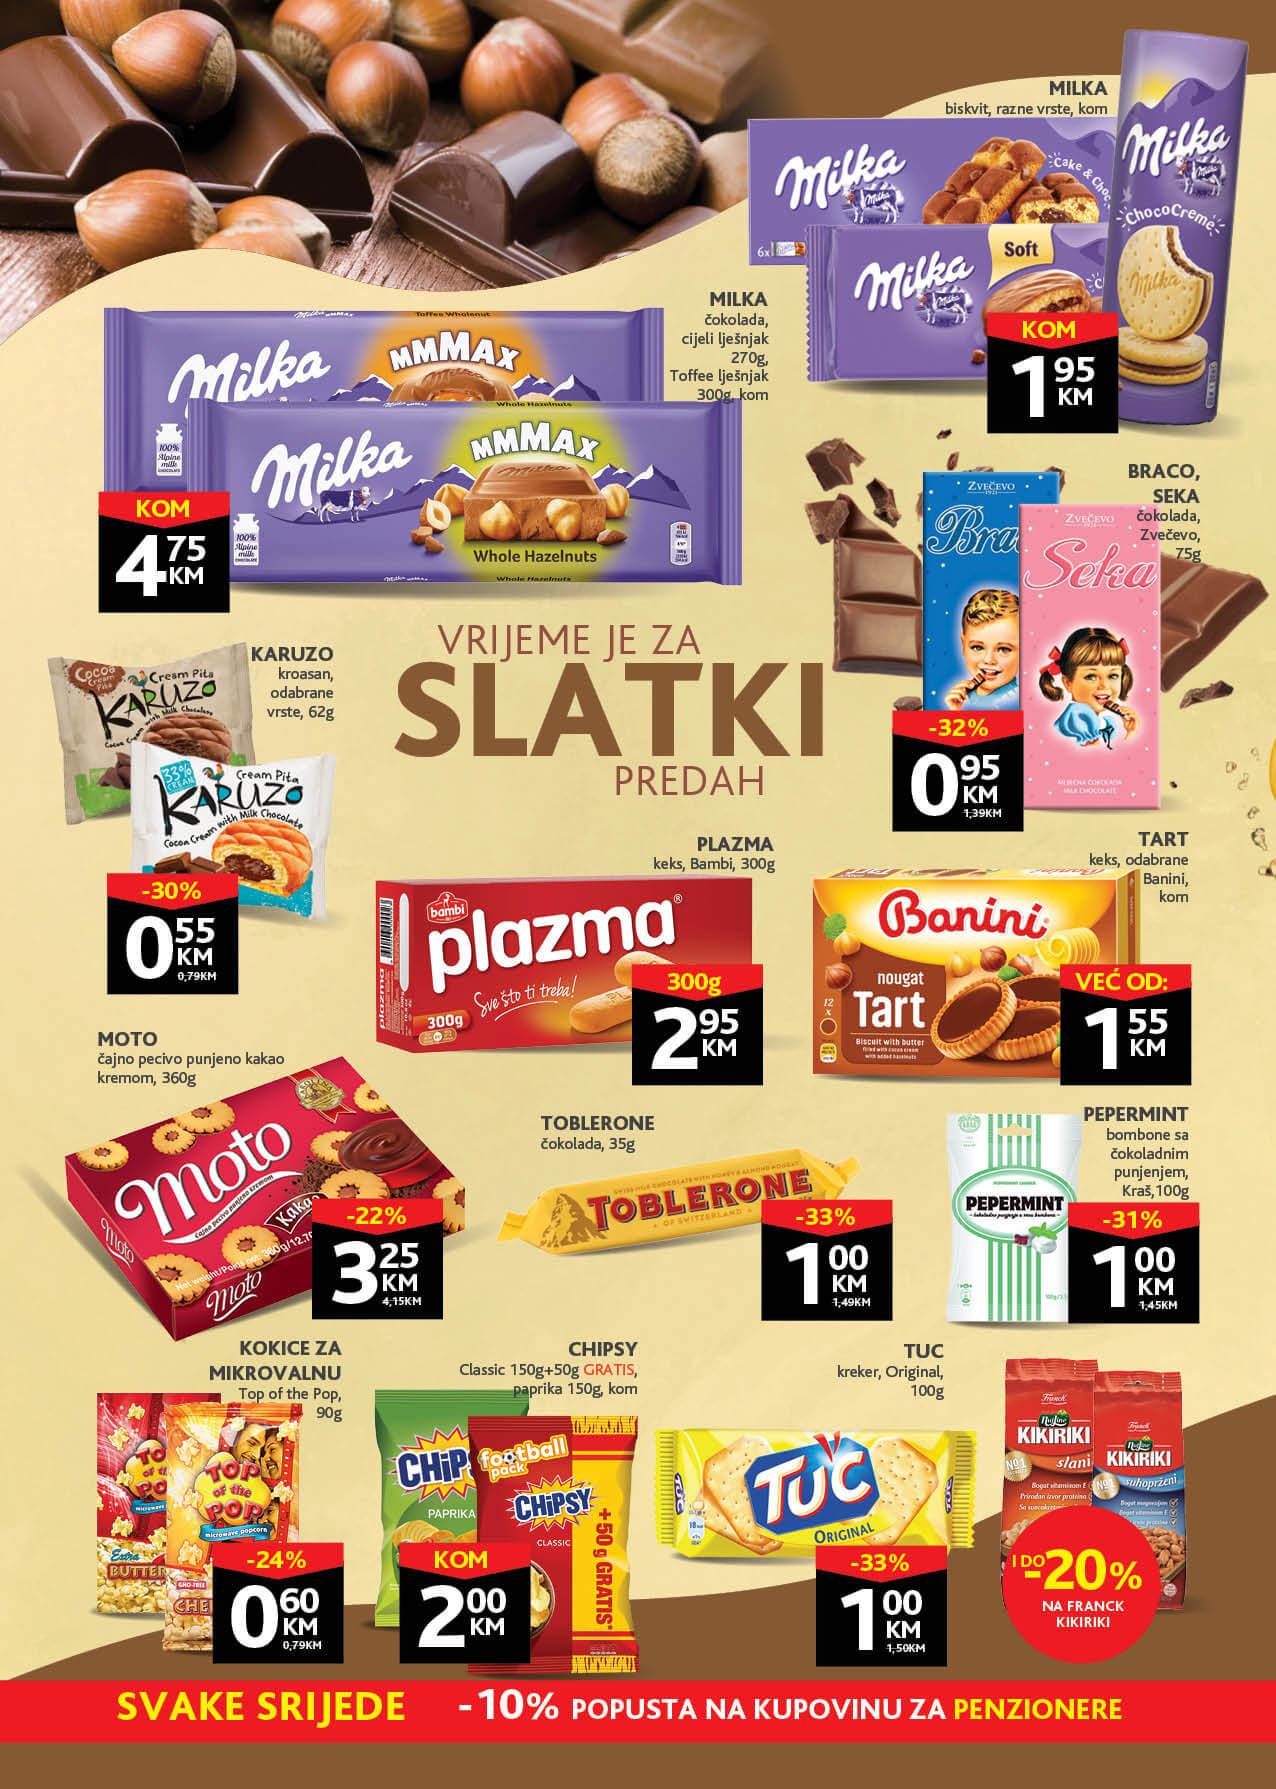 KONZUM Redovni katalog MAJ JUN 2021 24.05.2021. 03.06.2021. ekatalozi.com 1 Page 14